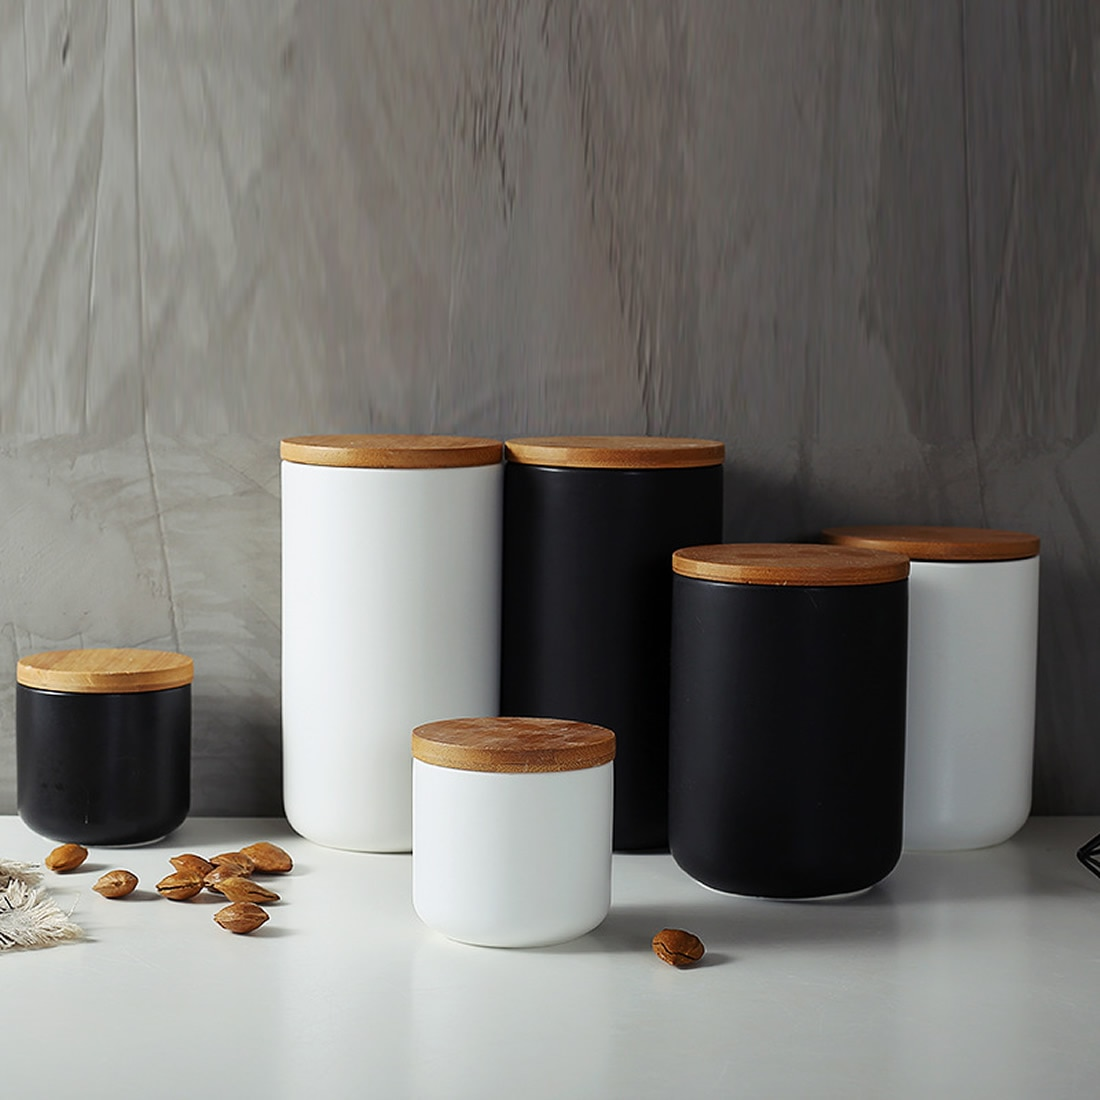 Estilo nórdico cerâmica garrafa de armazenamento jar para especiarias tampa de madeira latas cozinha café chá doces cane recipiente latas para caixa de armazenamento